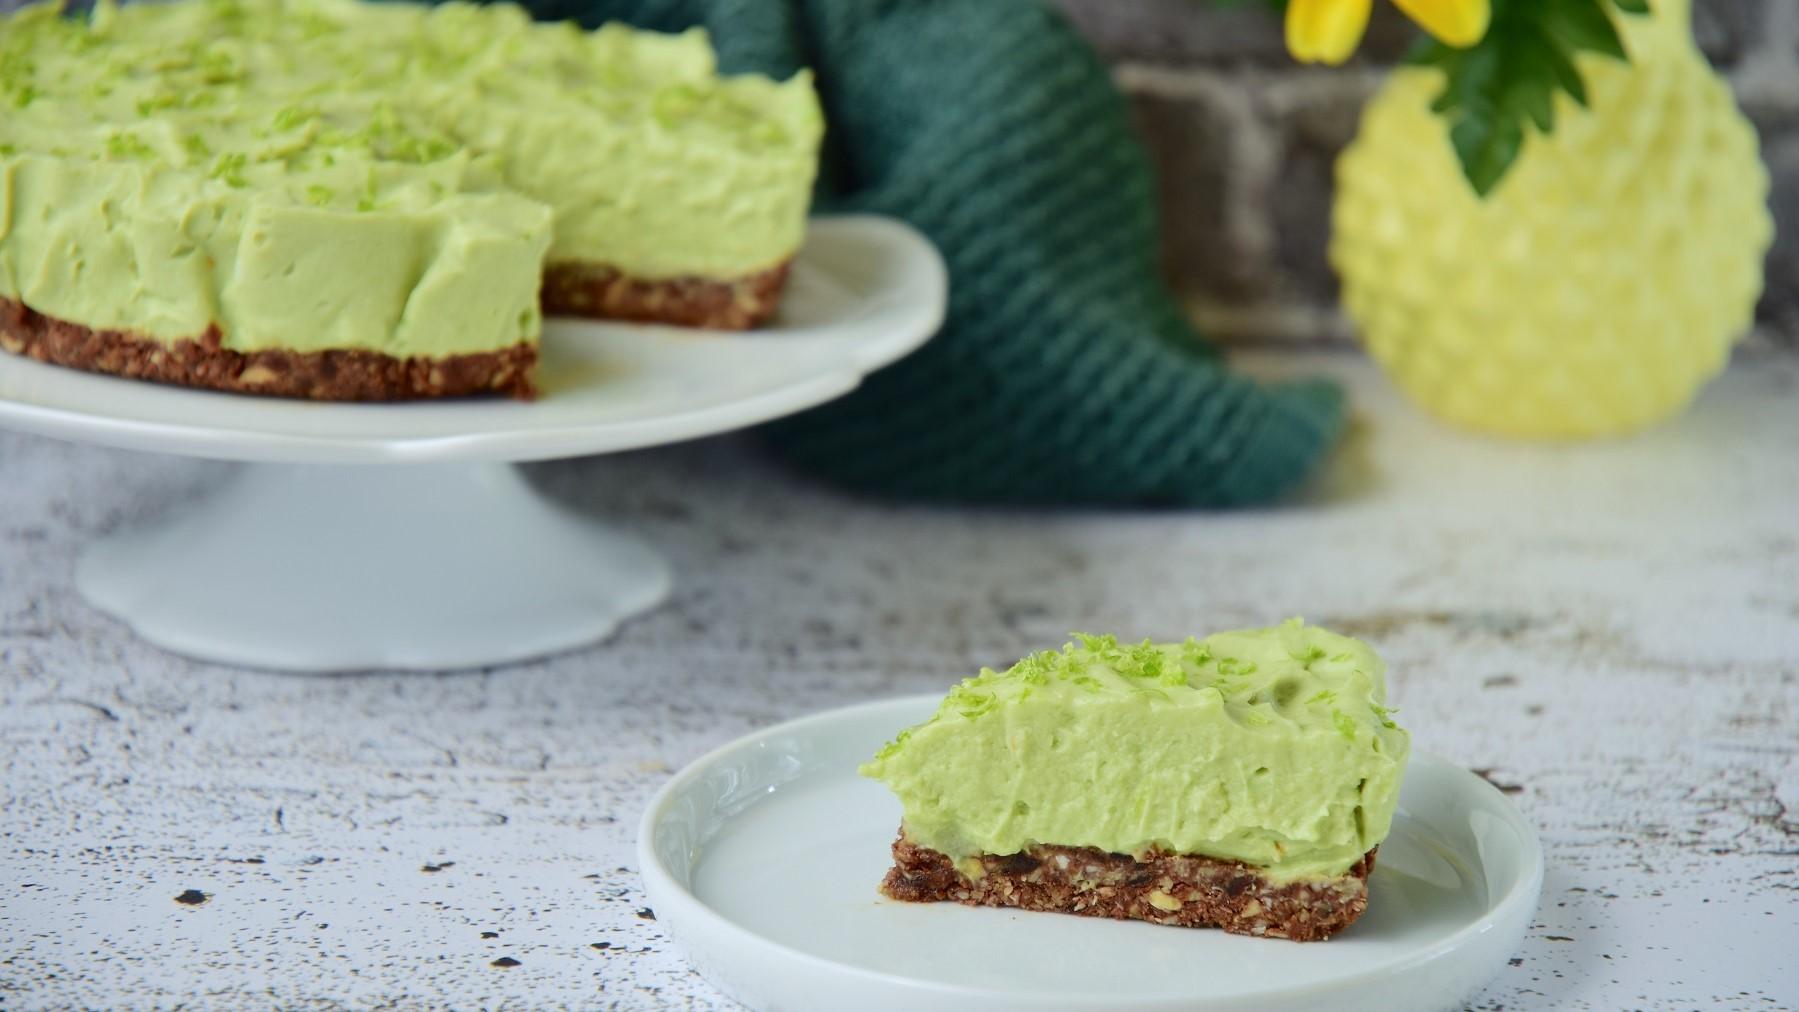 Ein Stück Avocado-Cheesecake mit Pistazien steht auf einem hellgrünen Teller auf einem gemusterten Untergrund. Im Hintergrund steht der restliche Kuchen auf einem Kuchentablett.